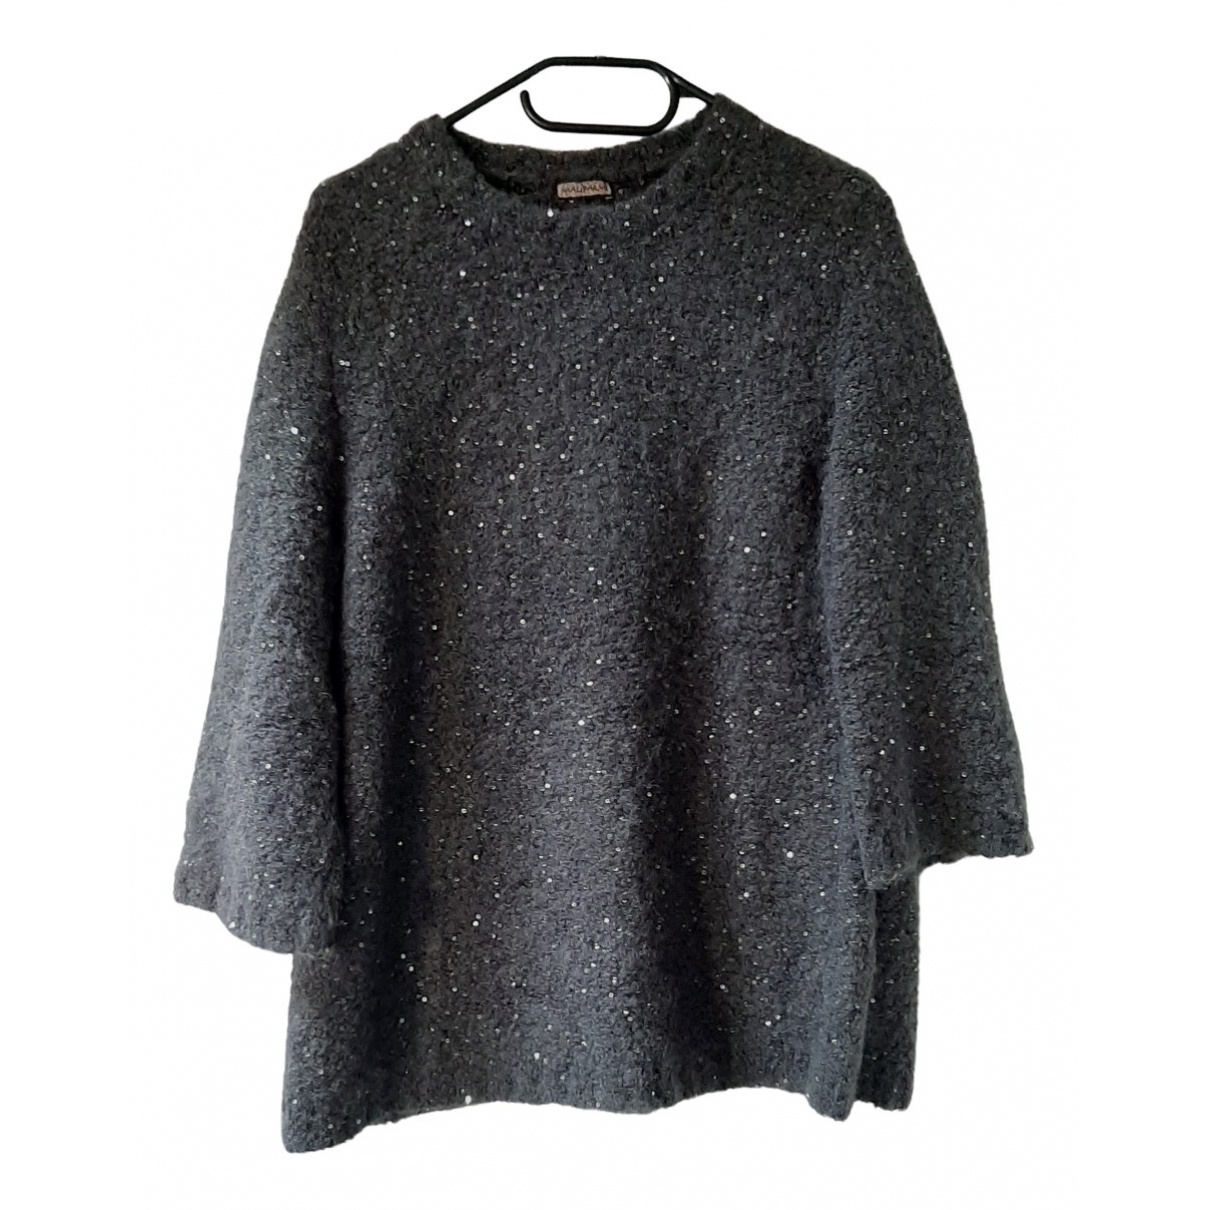 Maliparmi - Pull   pour femme en laine - anthracite